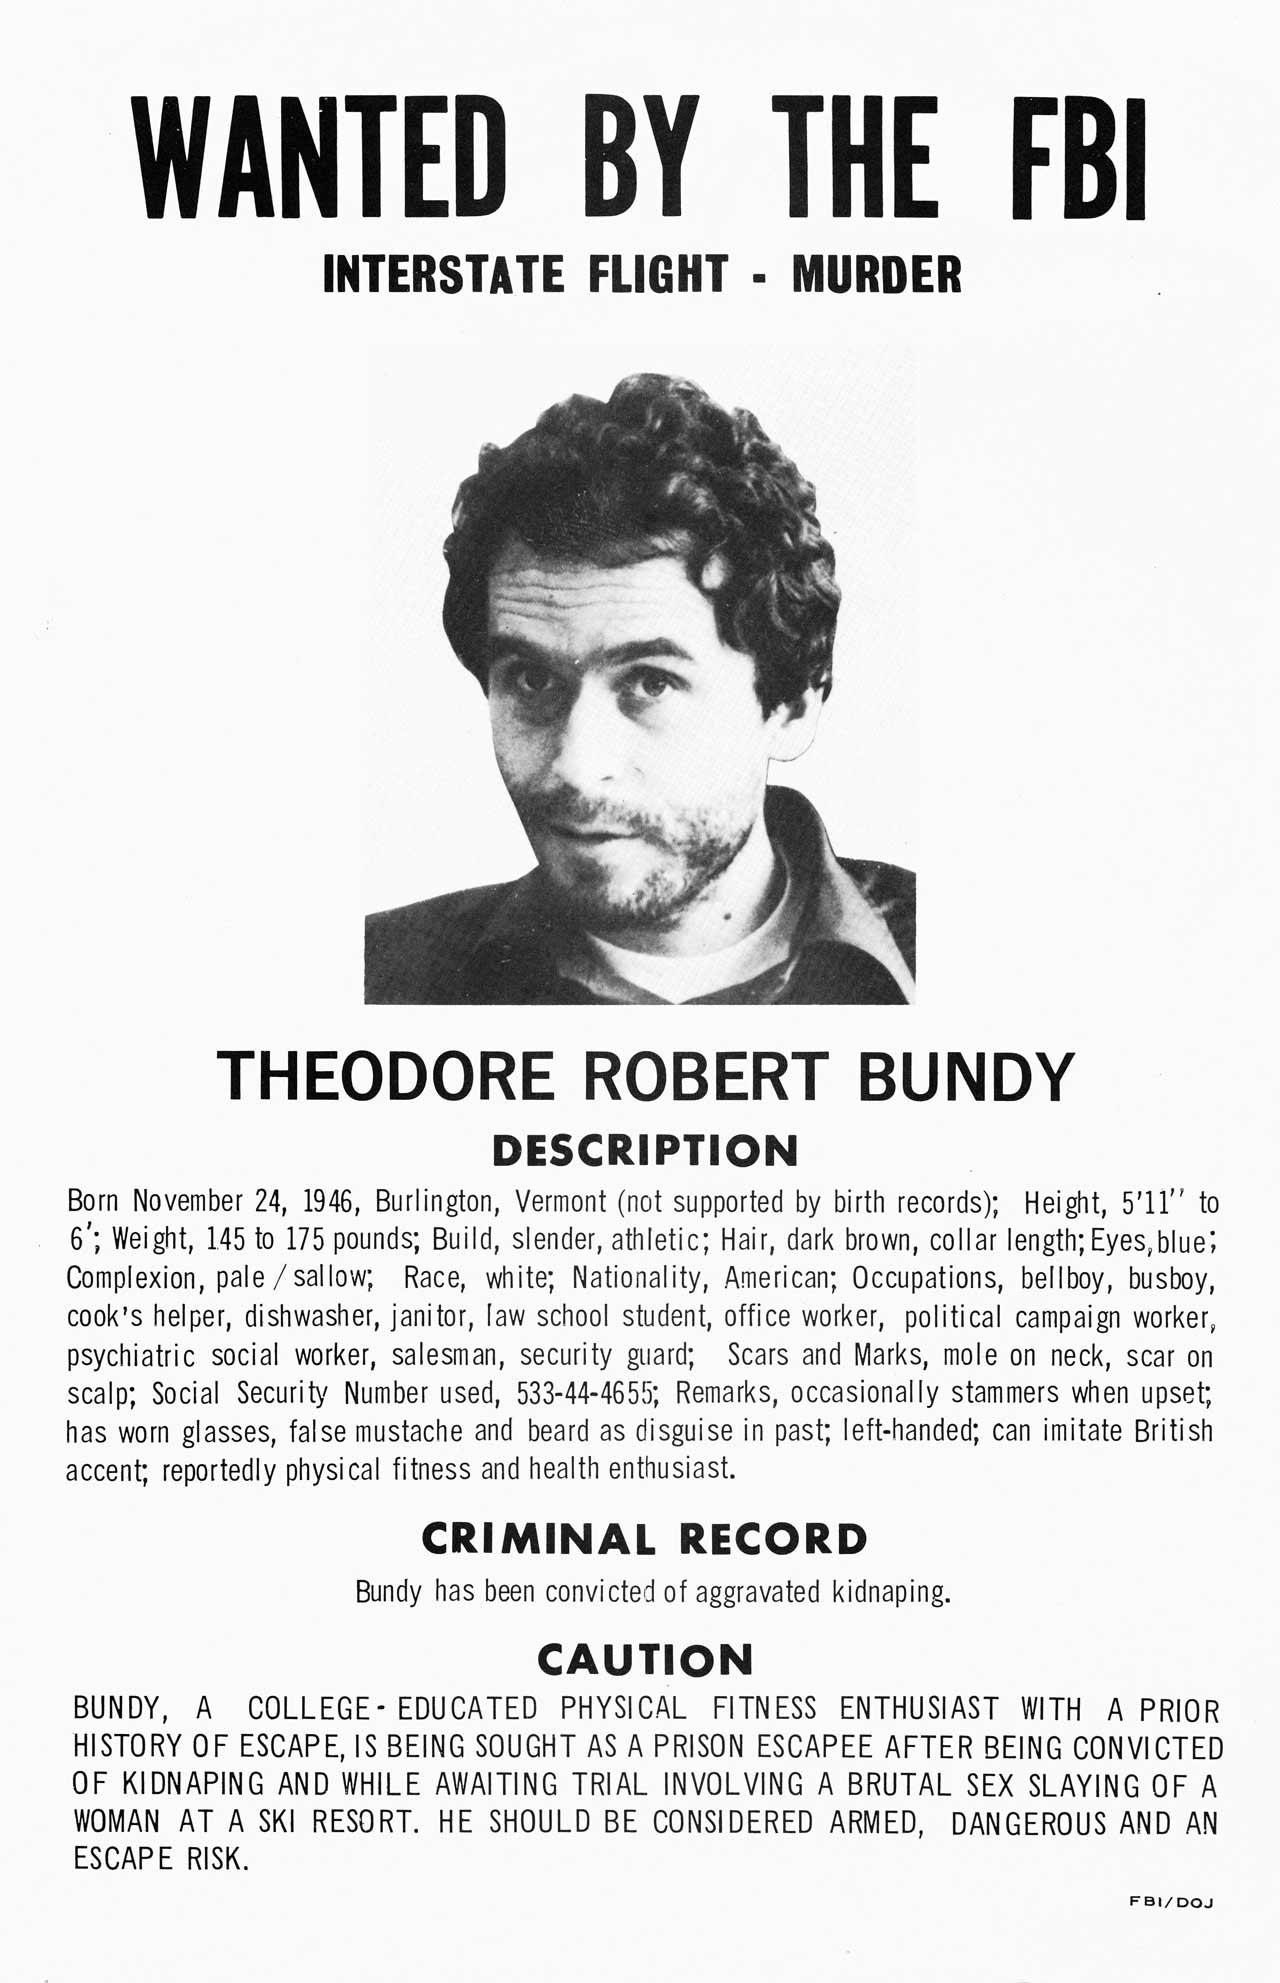 頭脳明晰で容姿端麗な凶悪殺人鬼…テッド・バンディ– 本当にあった閲覧注意